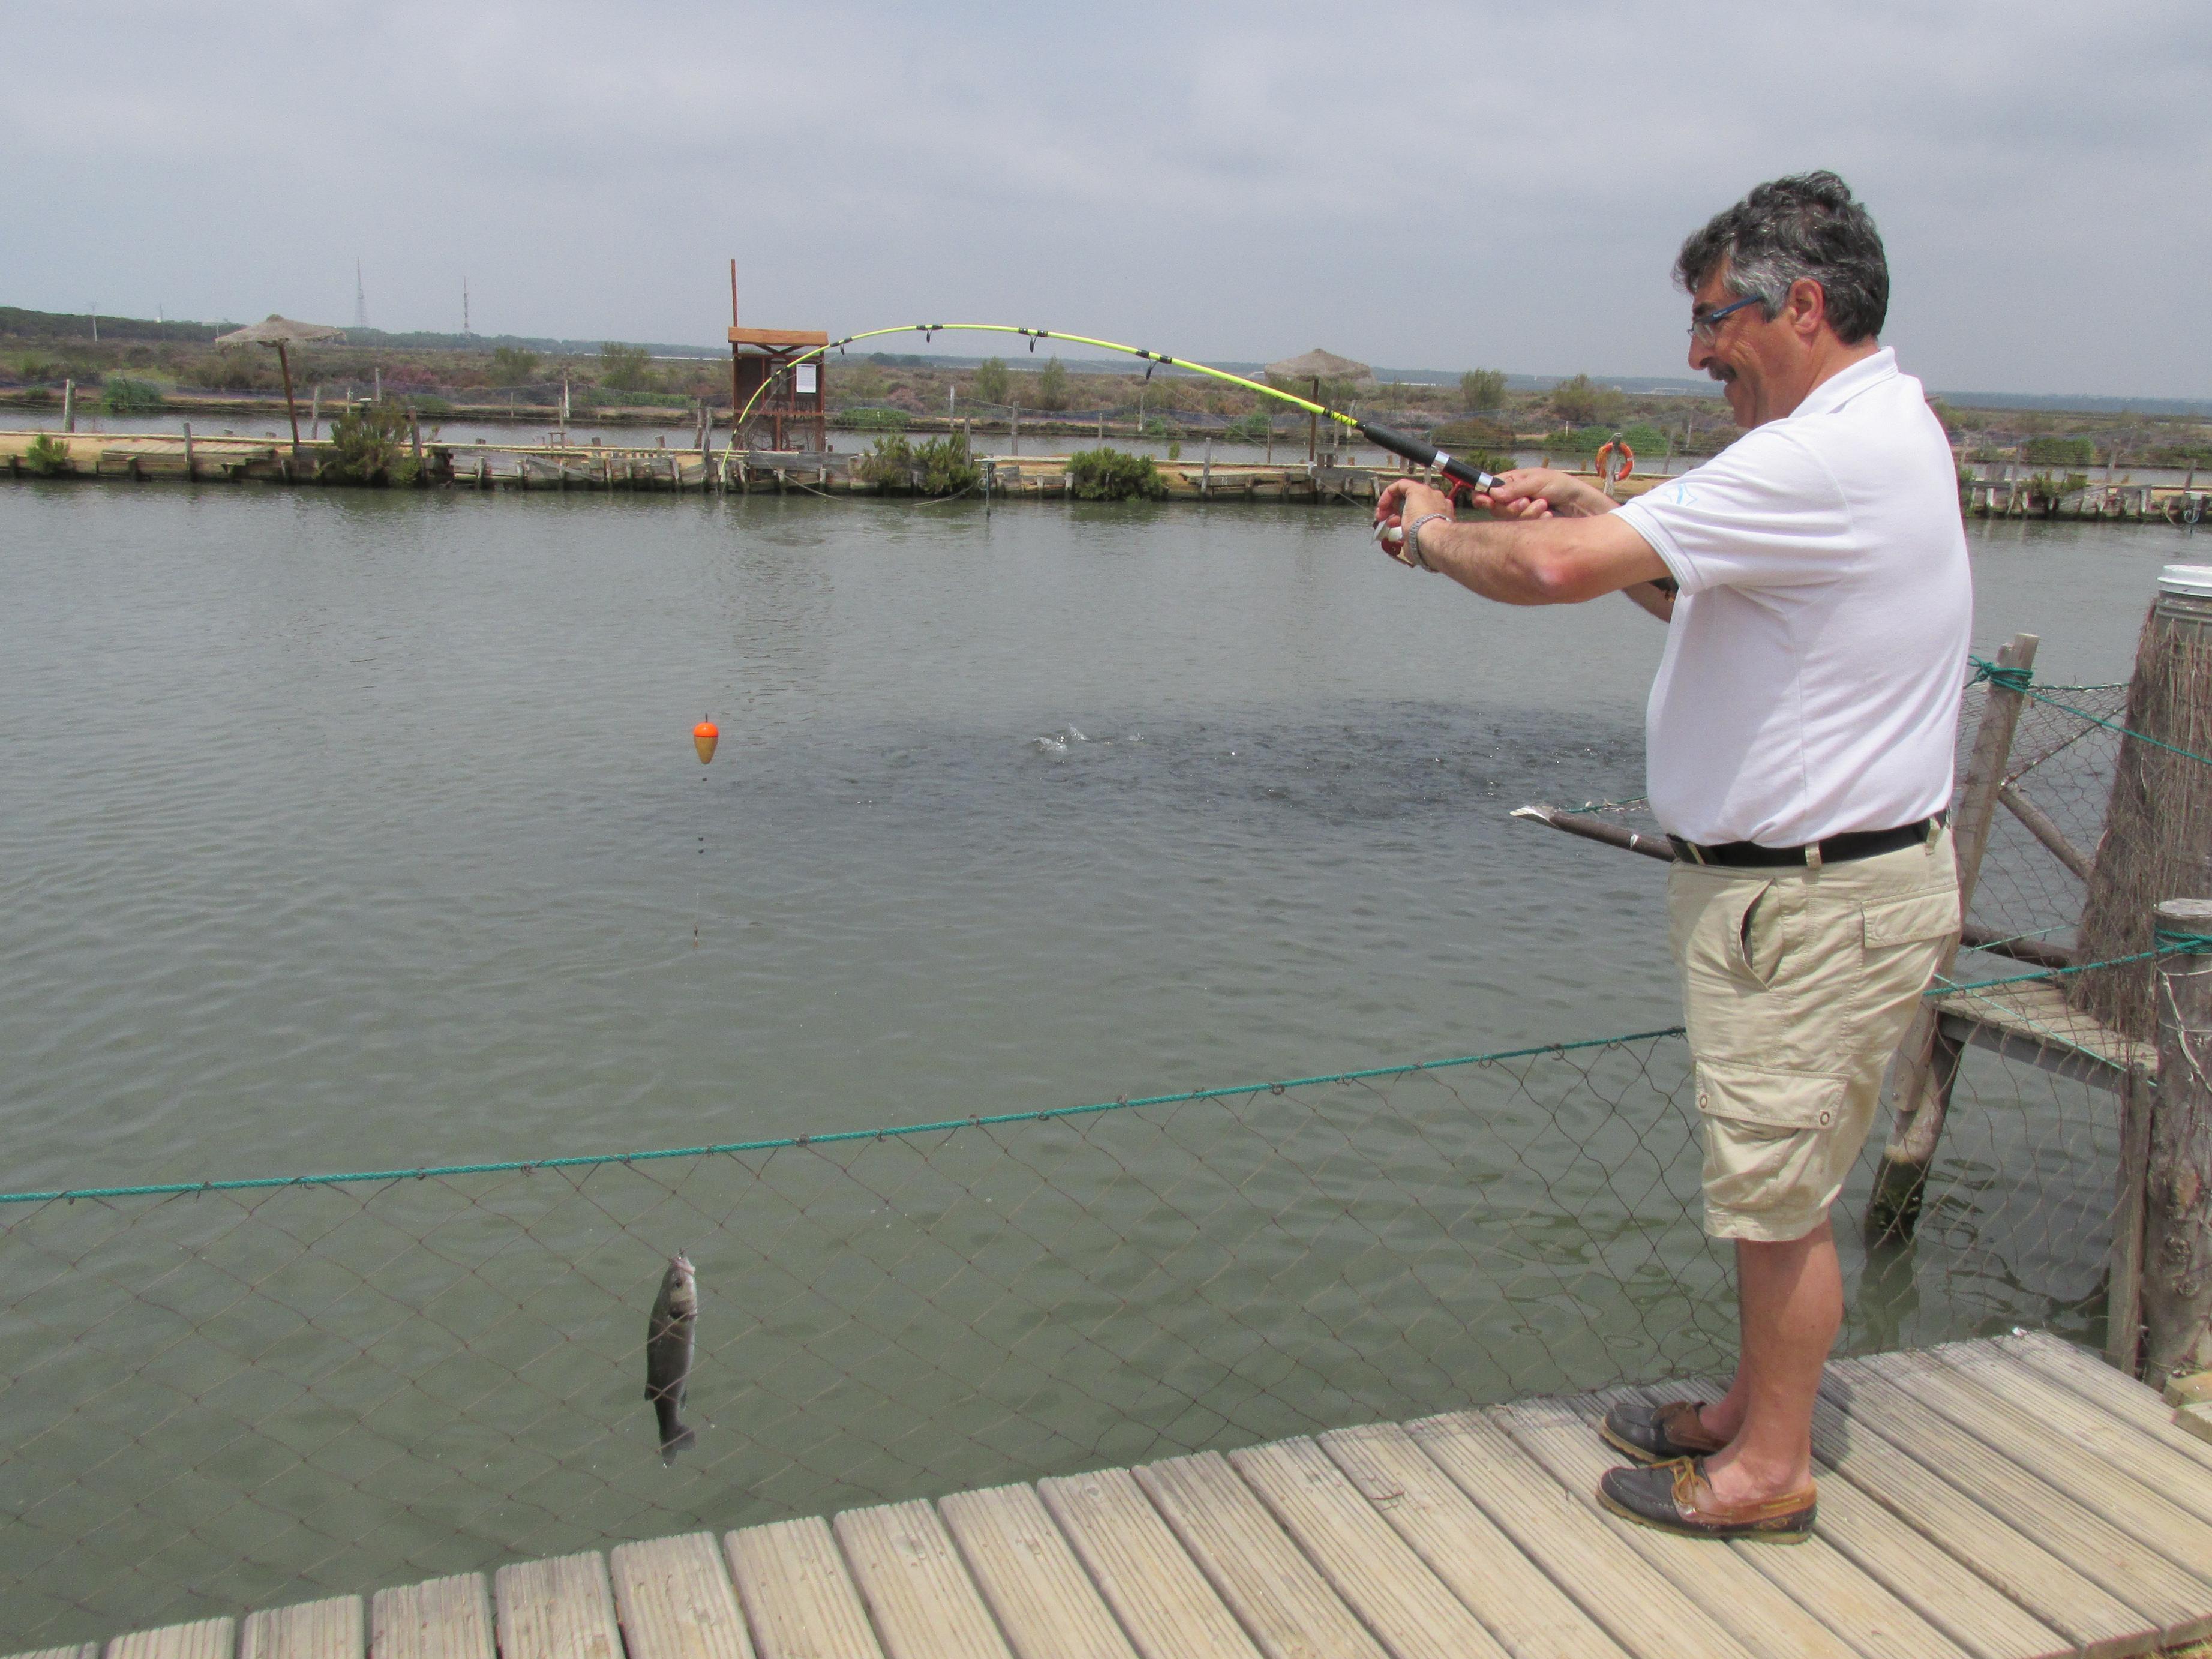 Un visitante capturando una pieza en el centro acuícola